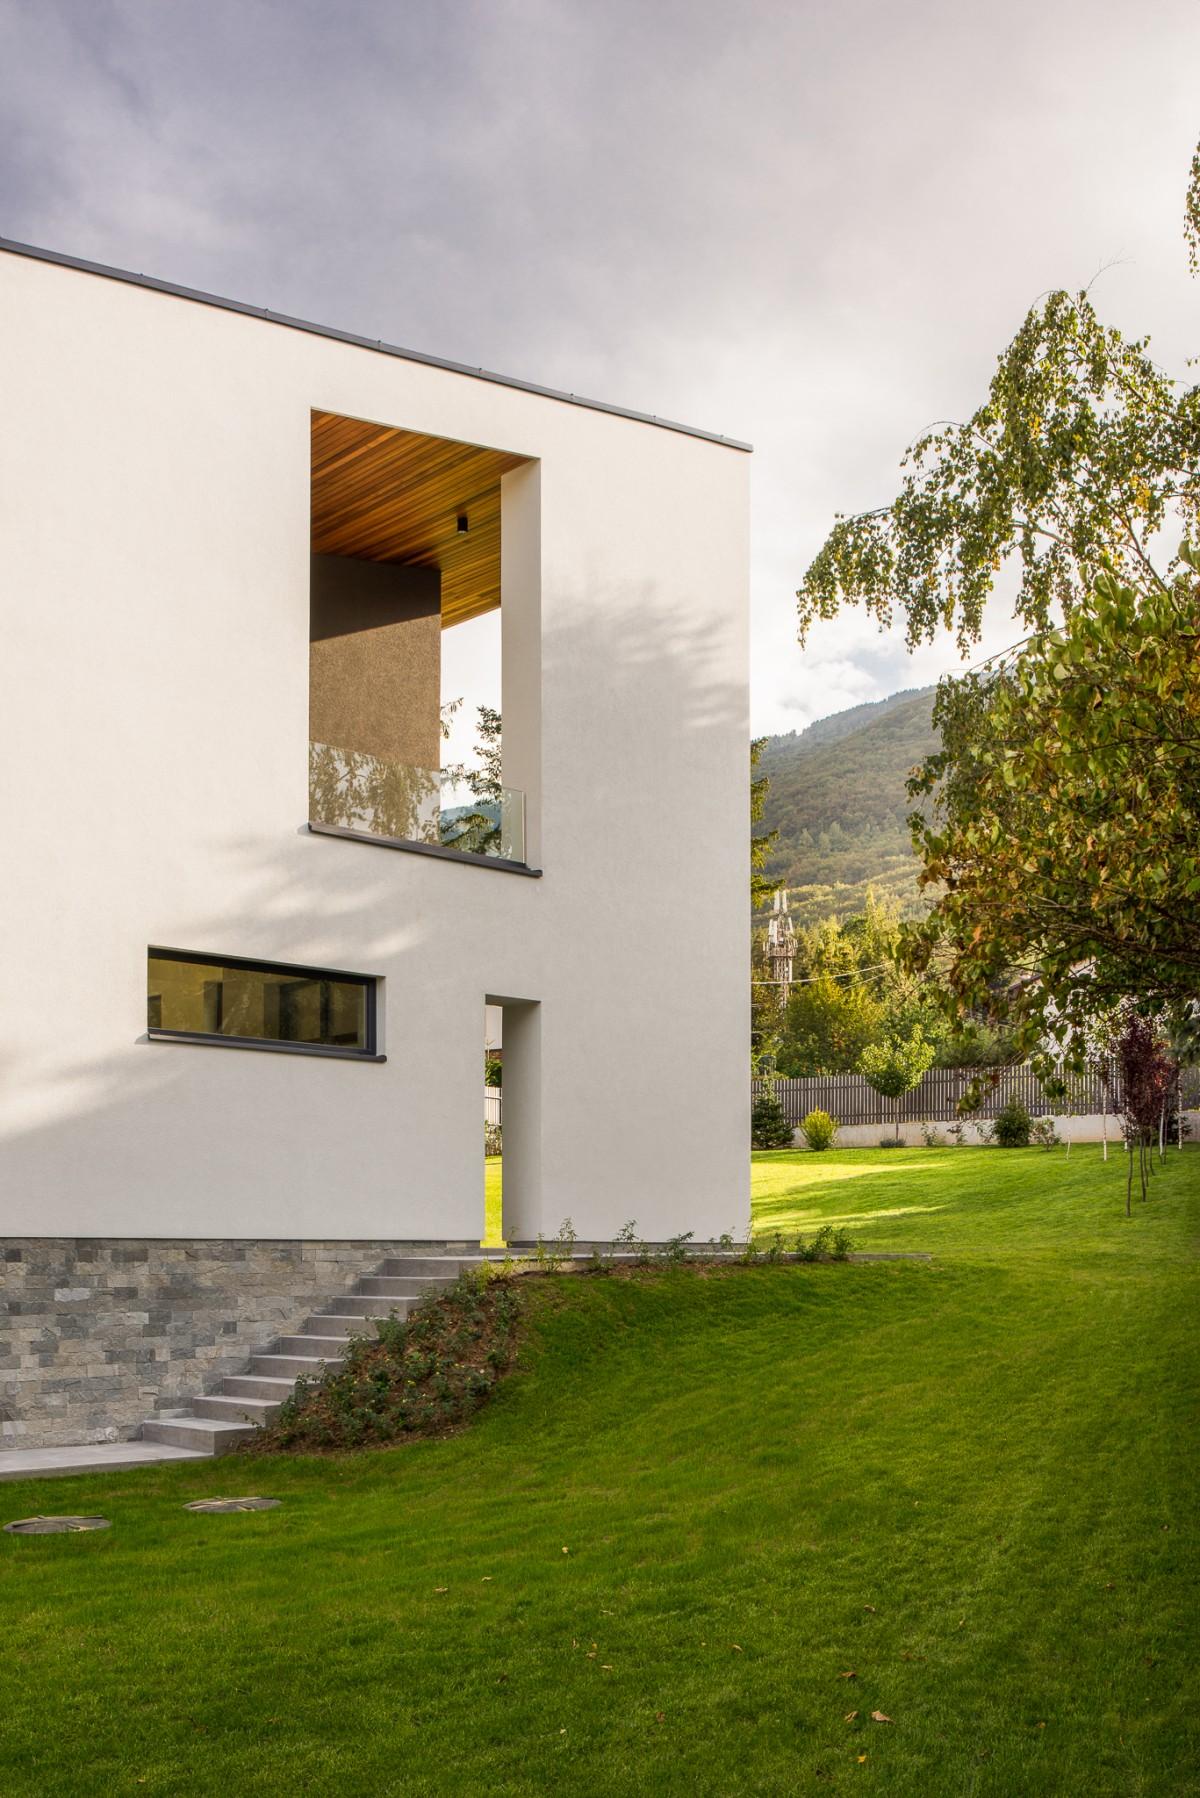 Ден на отворените врати - впечатляваща къща с гледки към планината